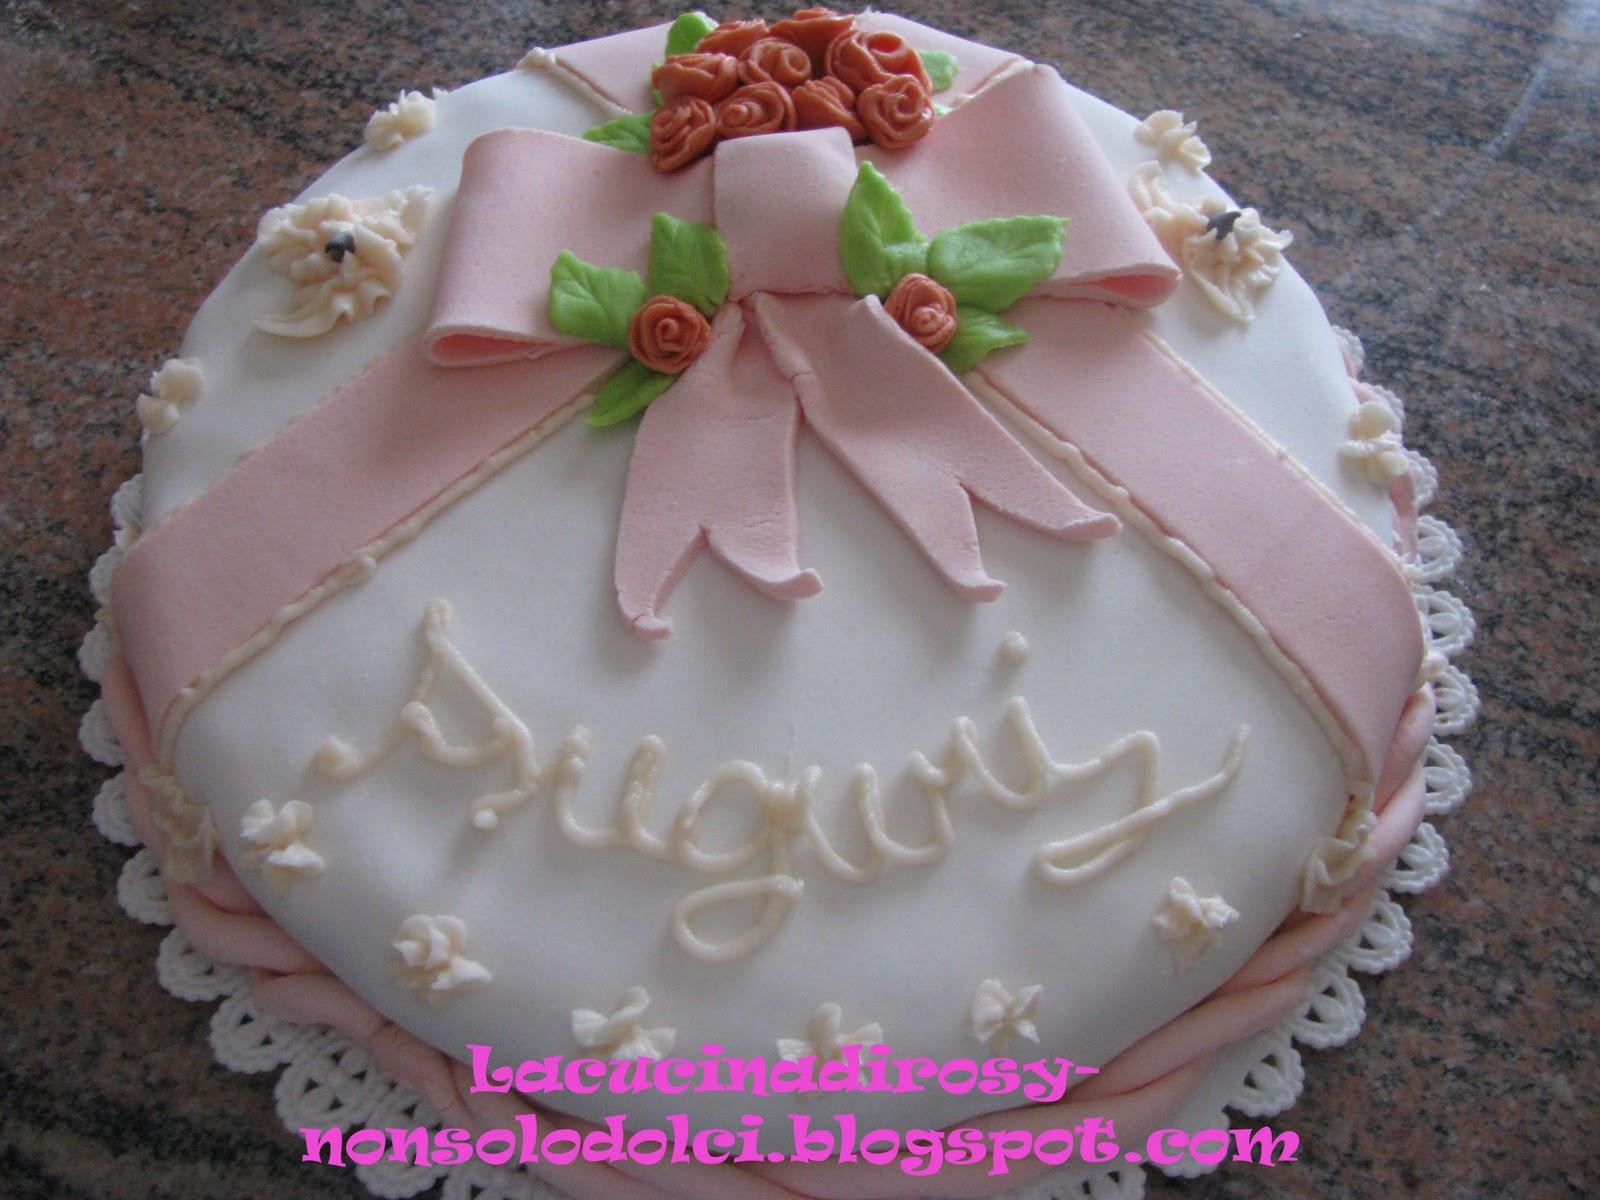 la cucina italiana decorazioni torte di compleanno